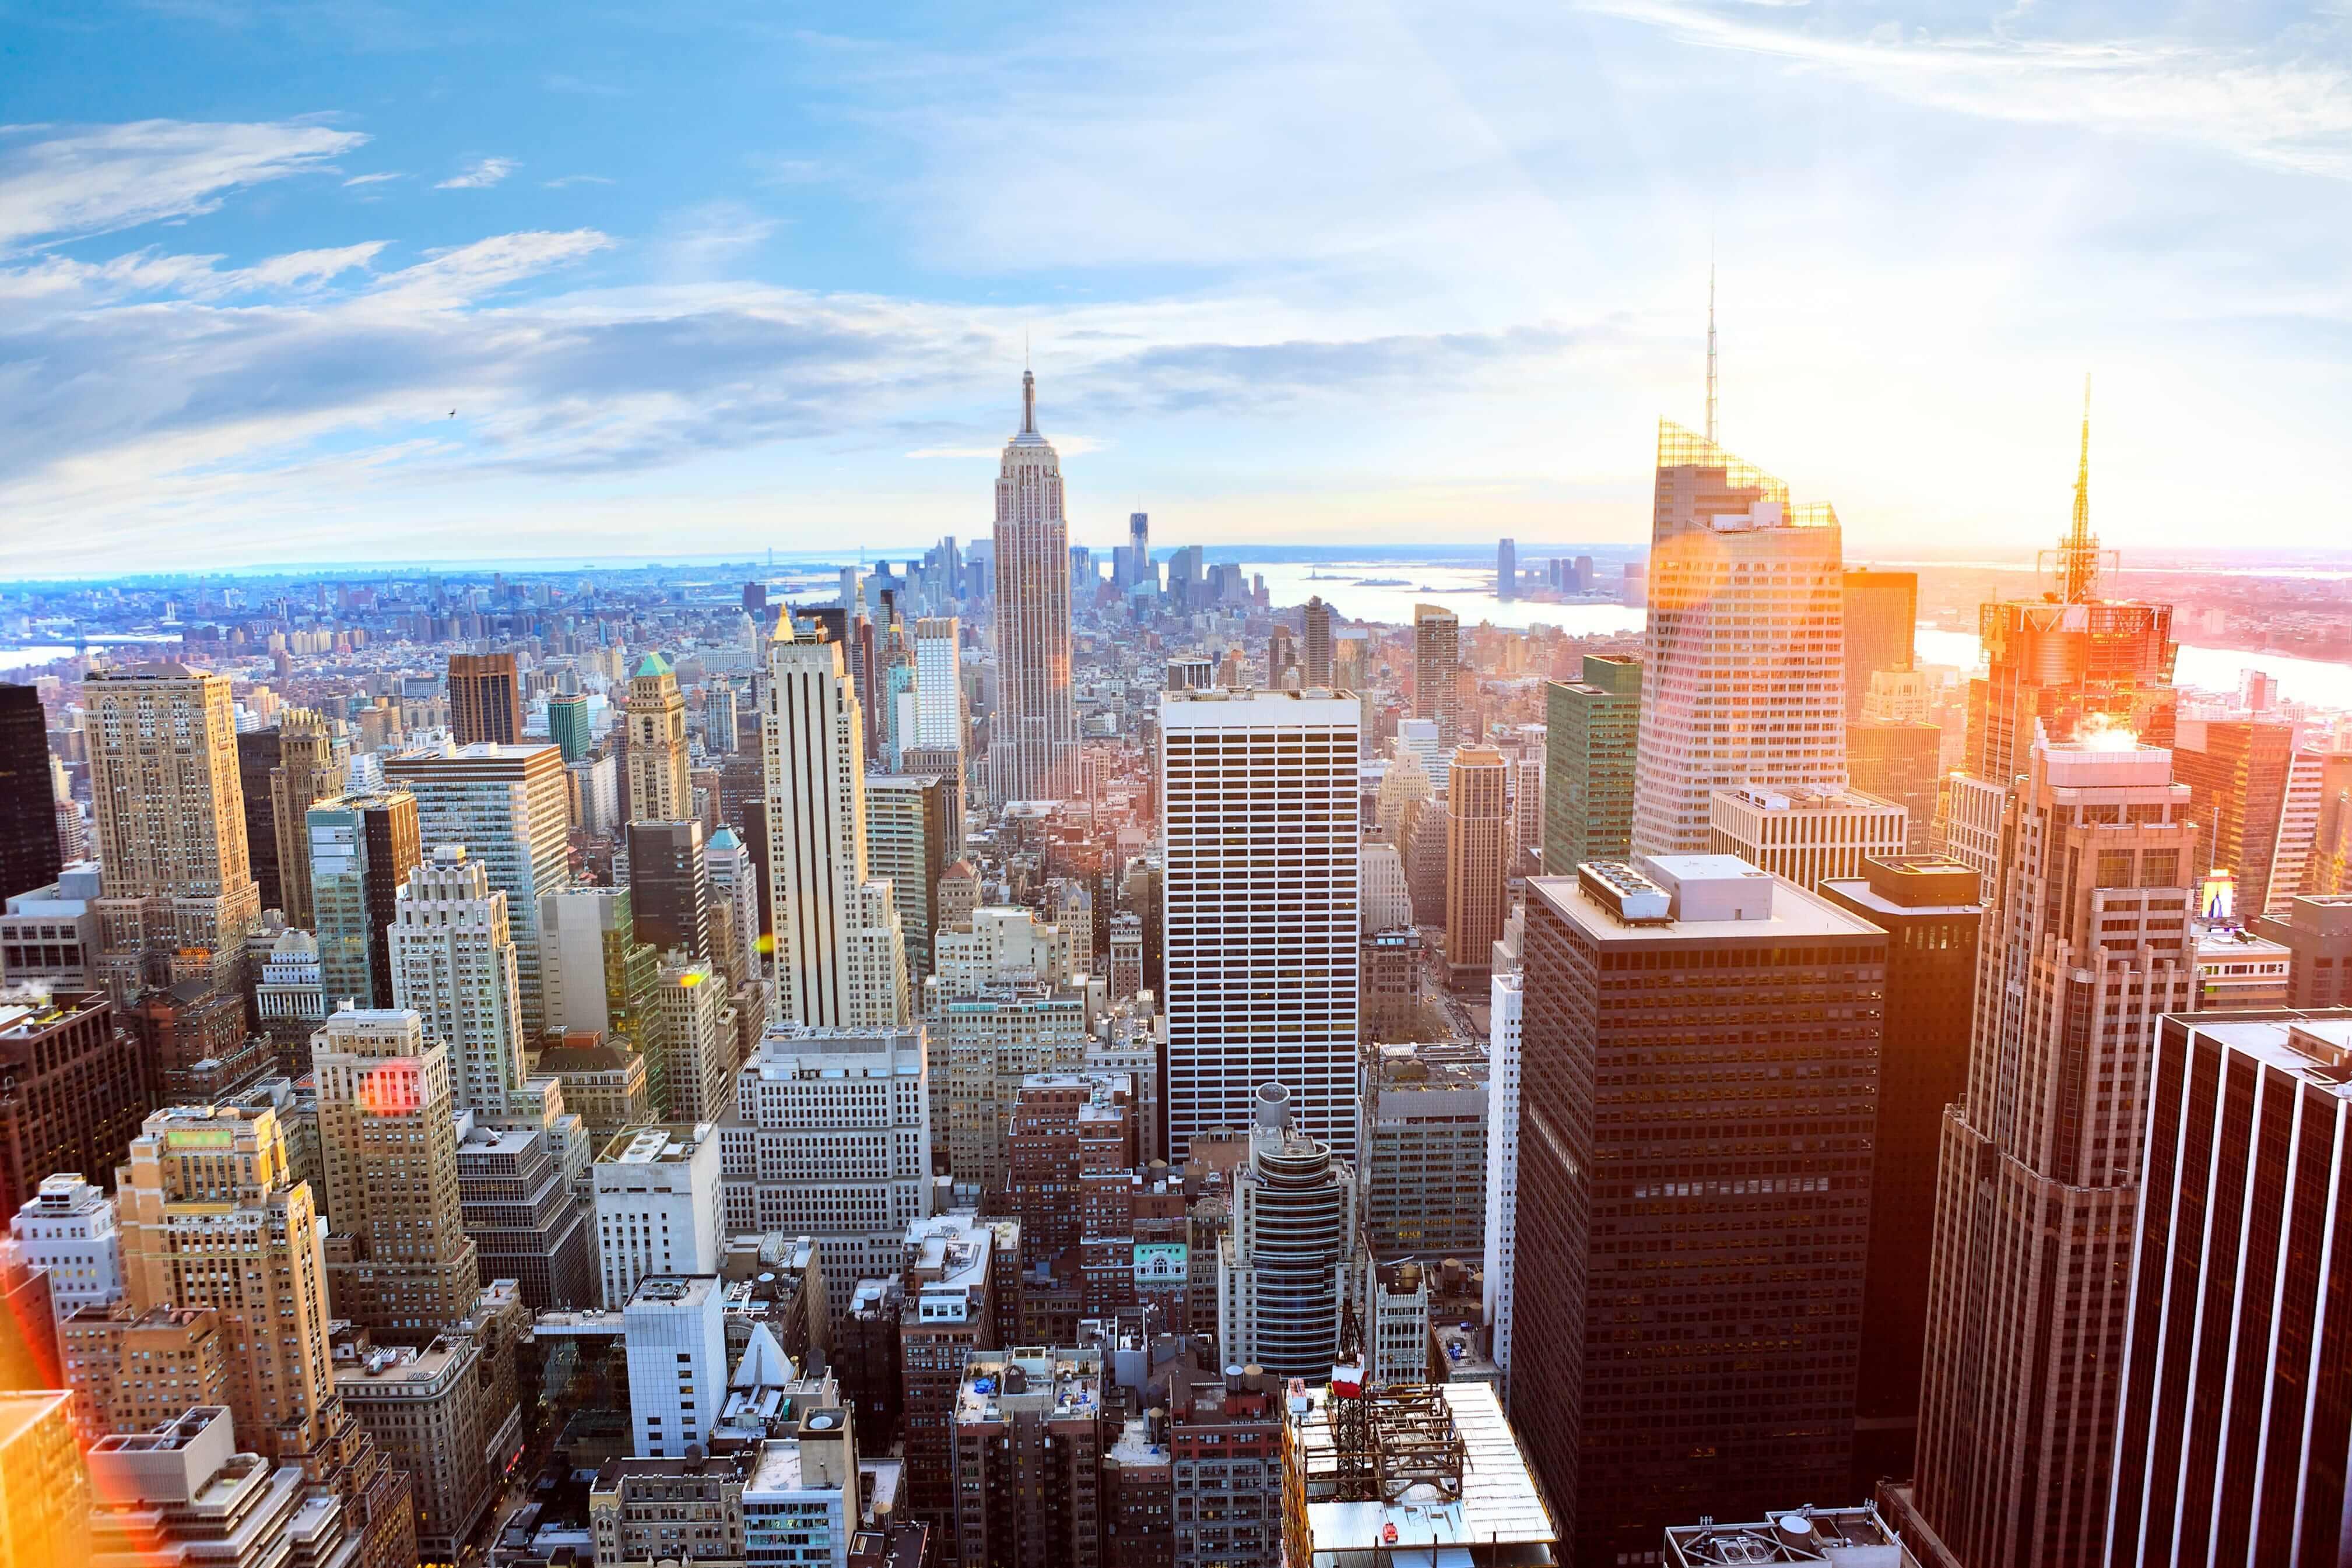 newyorkcitybuildings.jpg